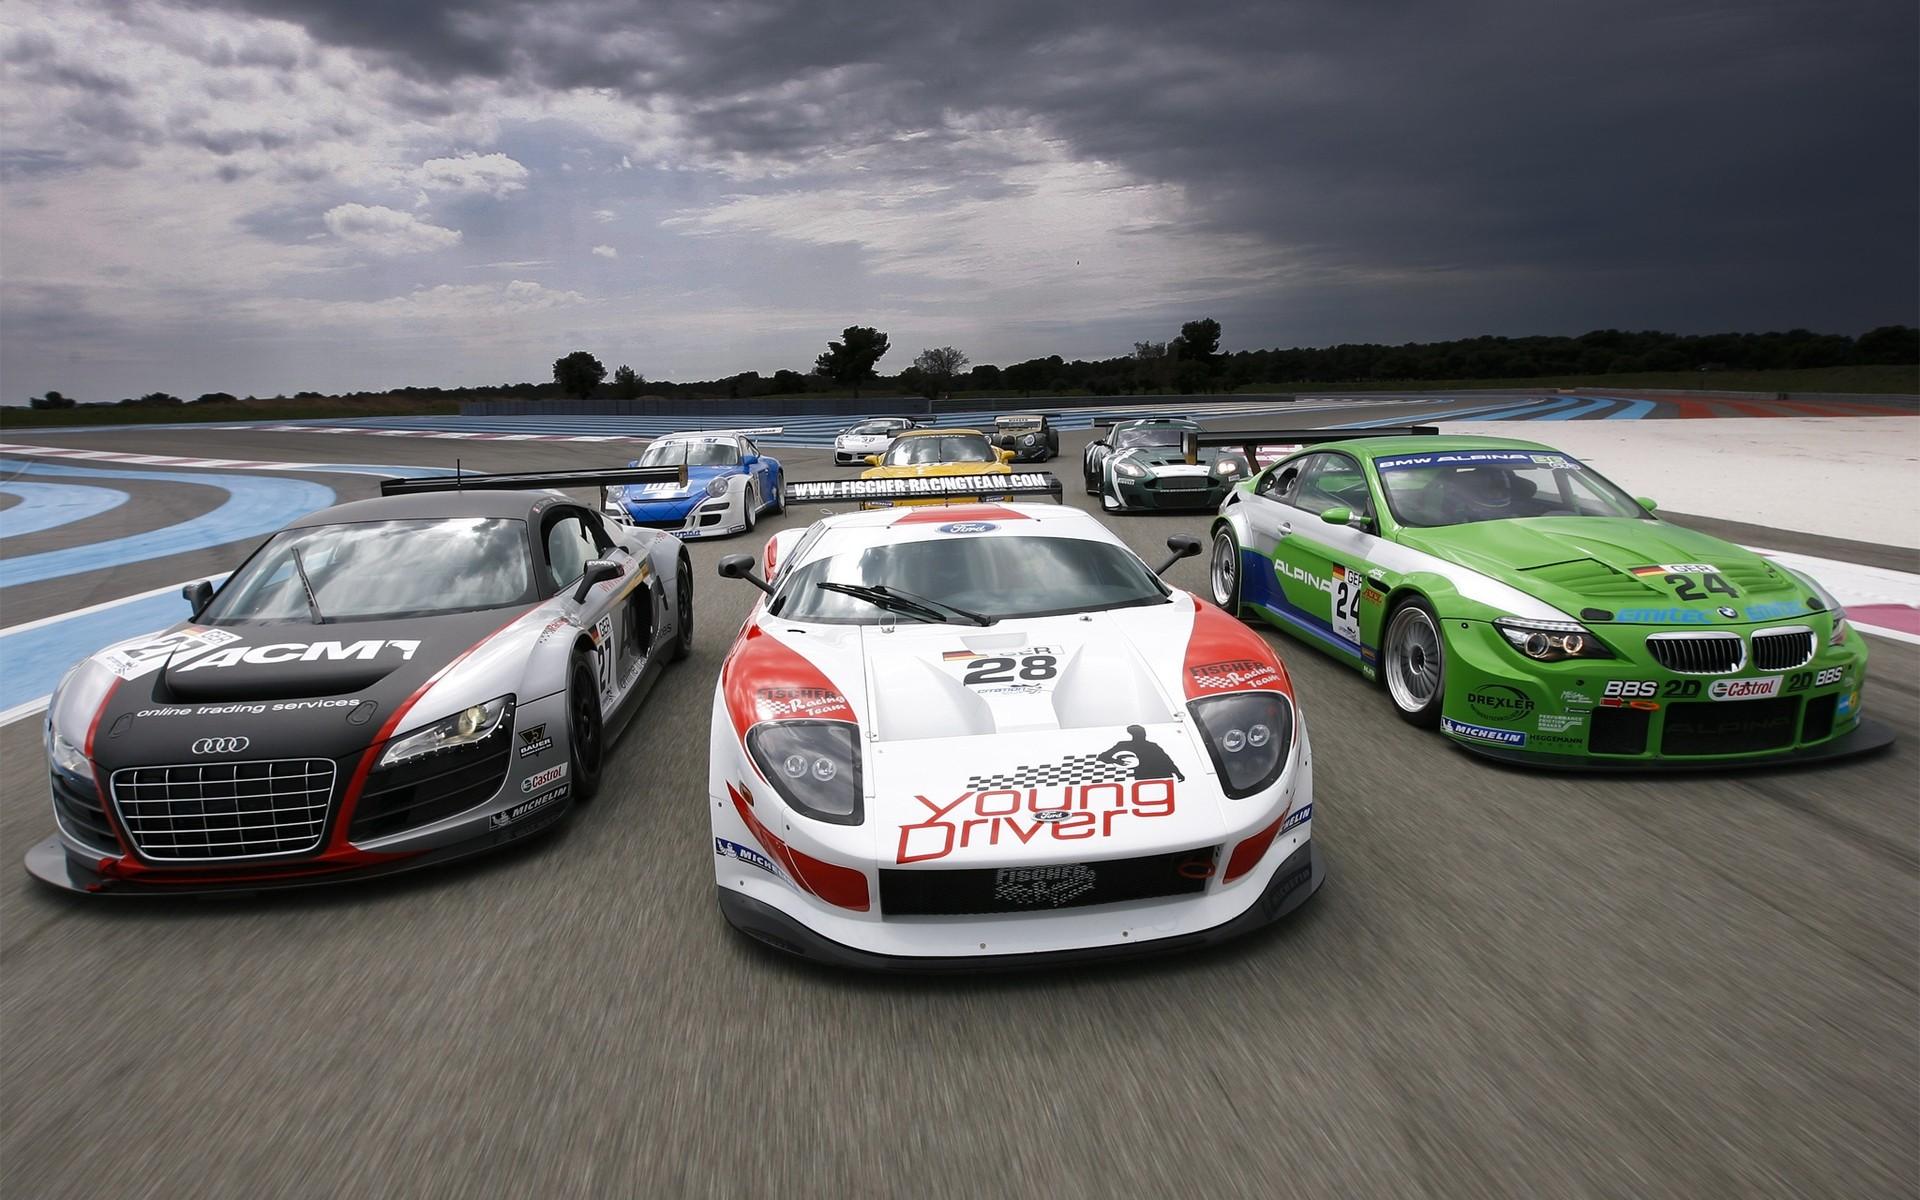 автомобильные гонки картинки